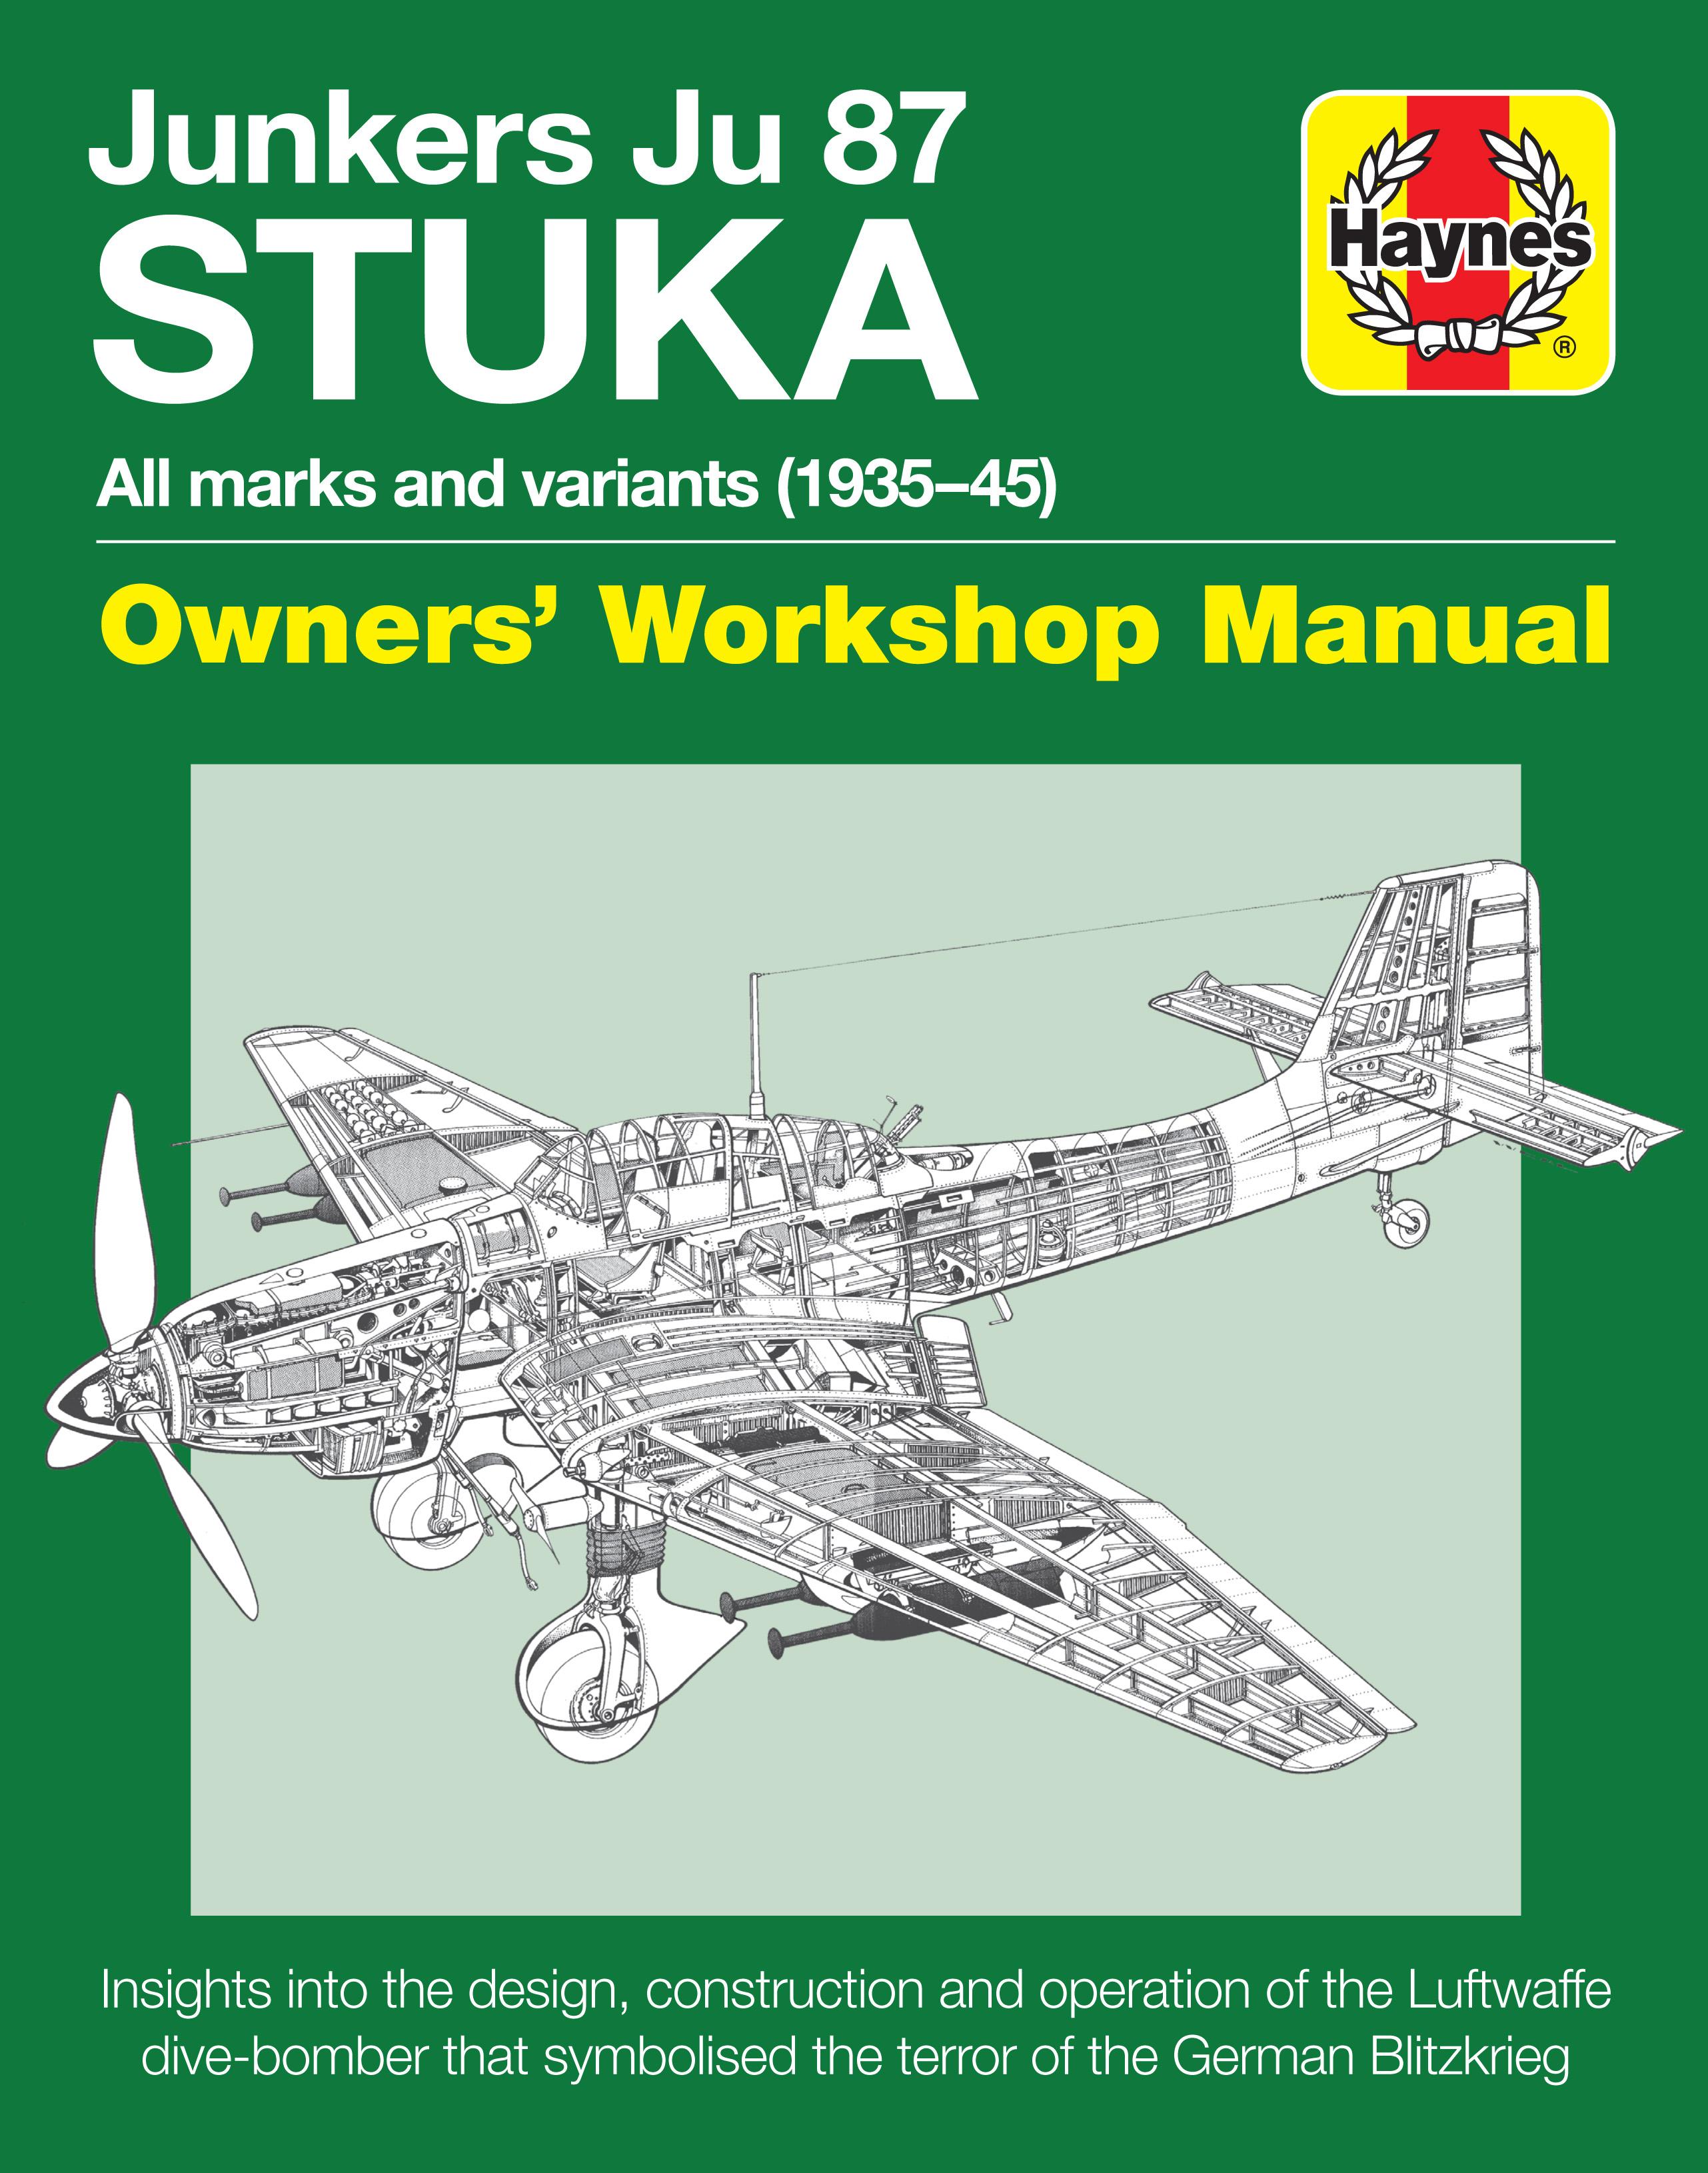 Junkers Ju 87 Stuka Manual_1